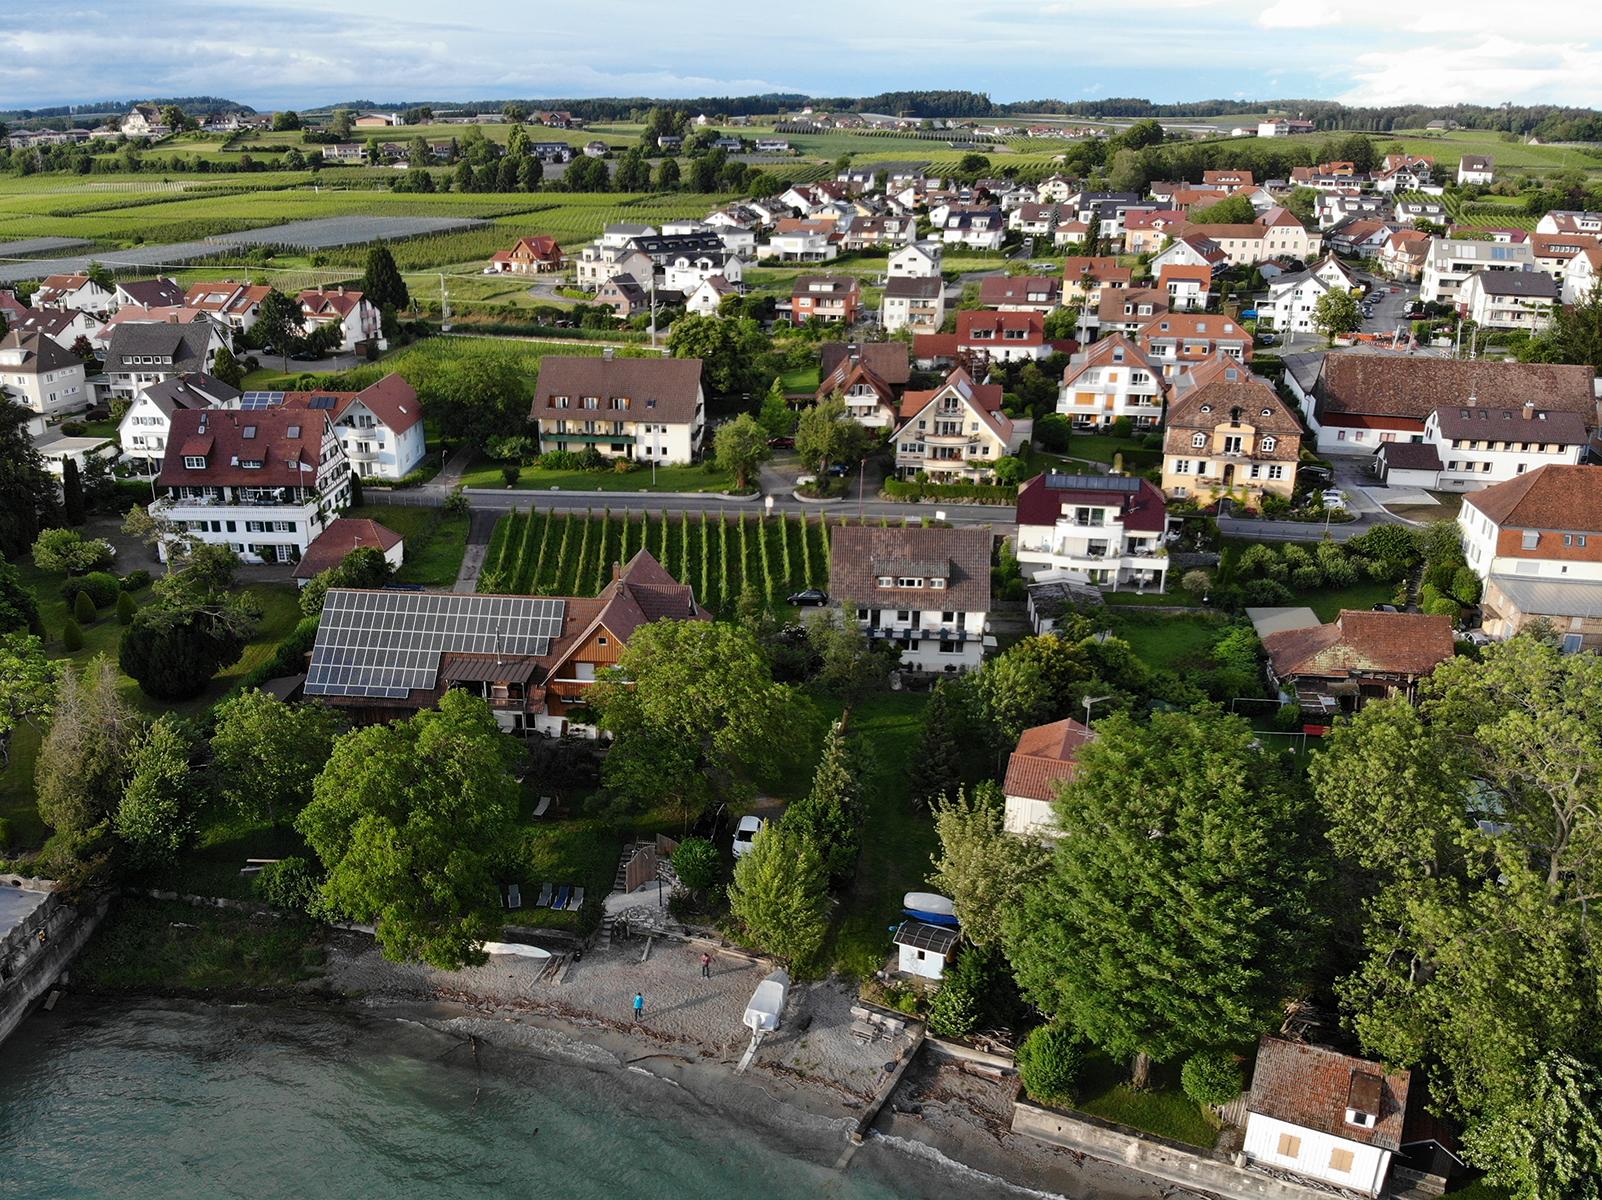 Luftaufnahme des Bauernhaus vom Bodensee